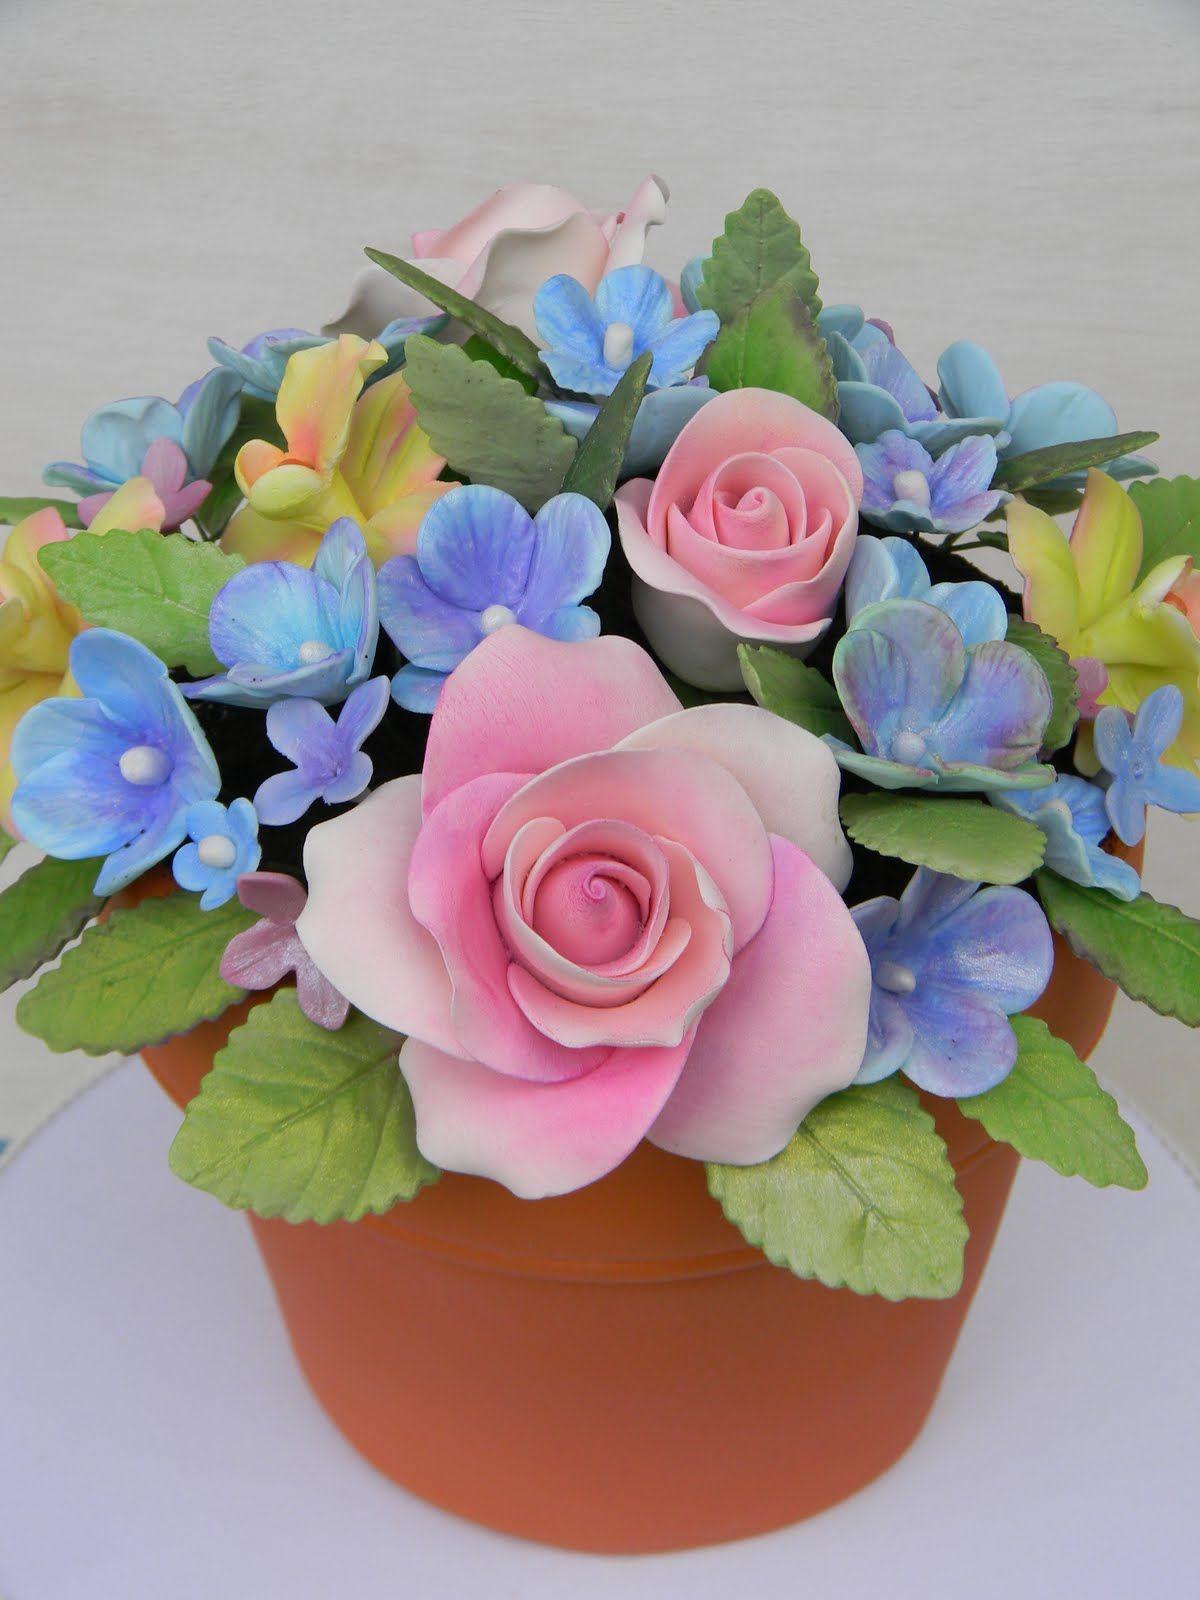 terracotta flower pot cake Flower pot cake